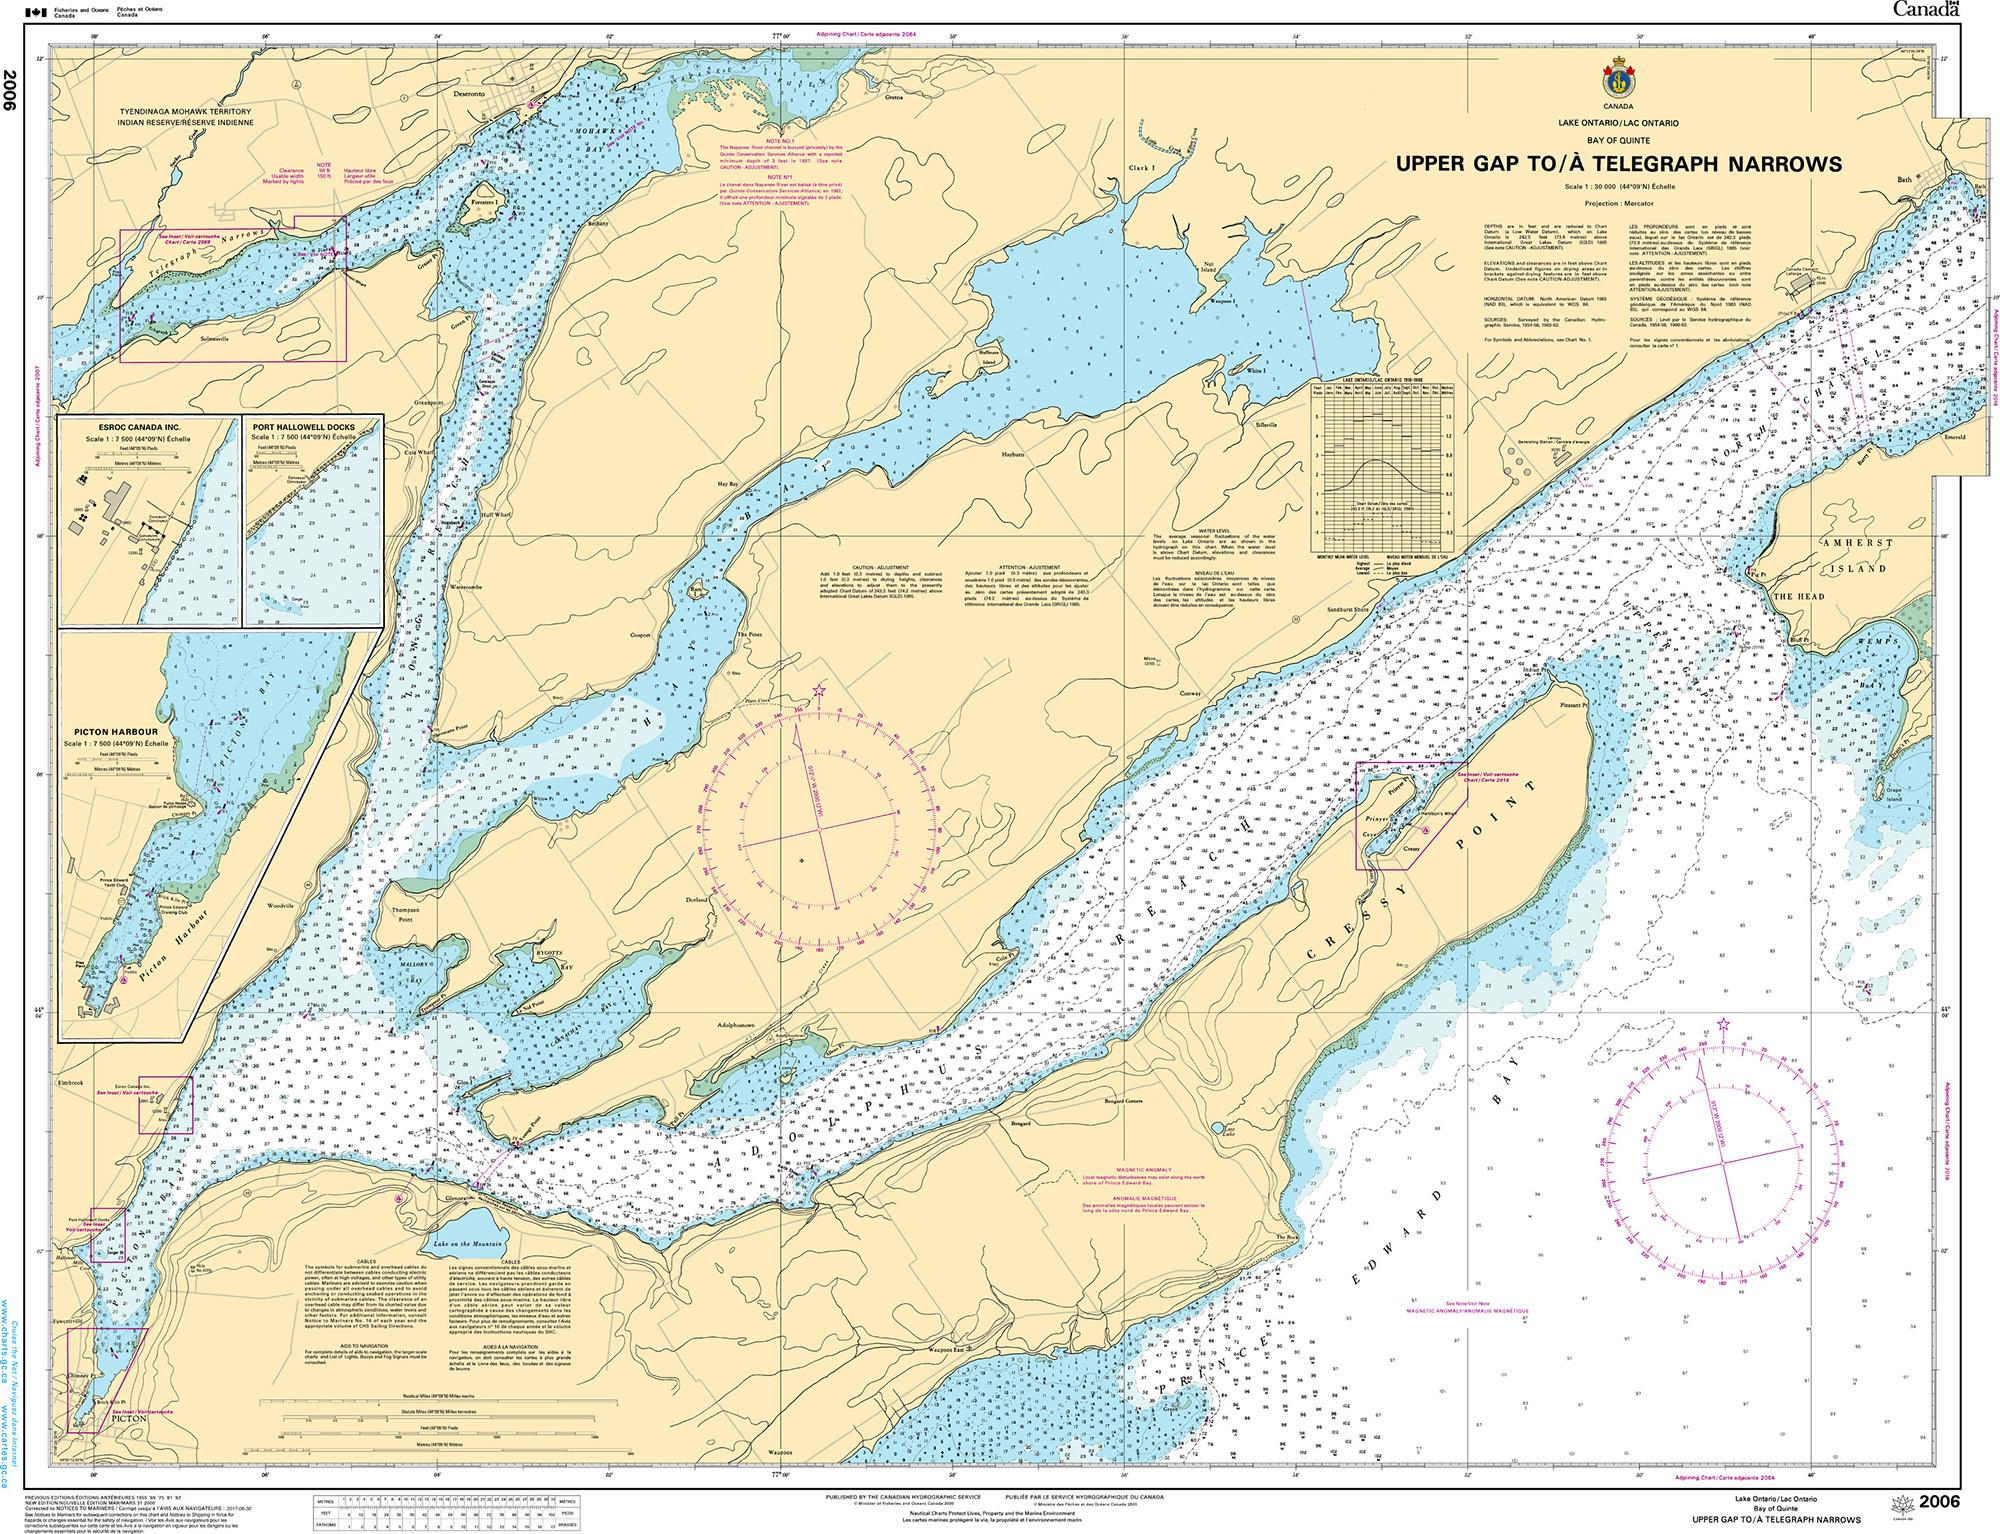 CHS Nautical Chart - CHS2006 Upper Gap to/a Telegraph Narrows